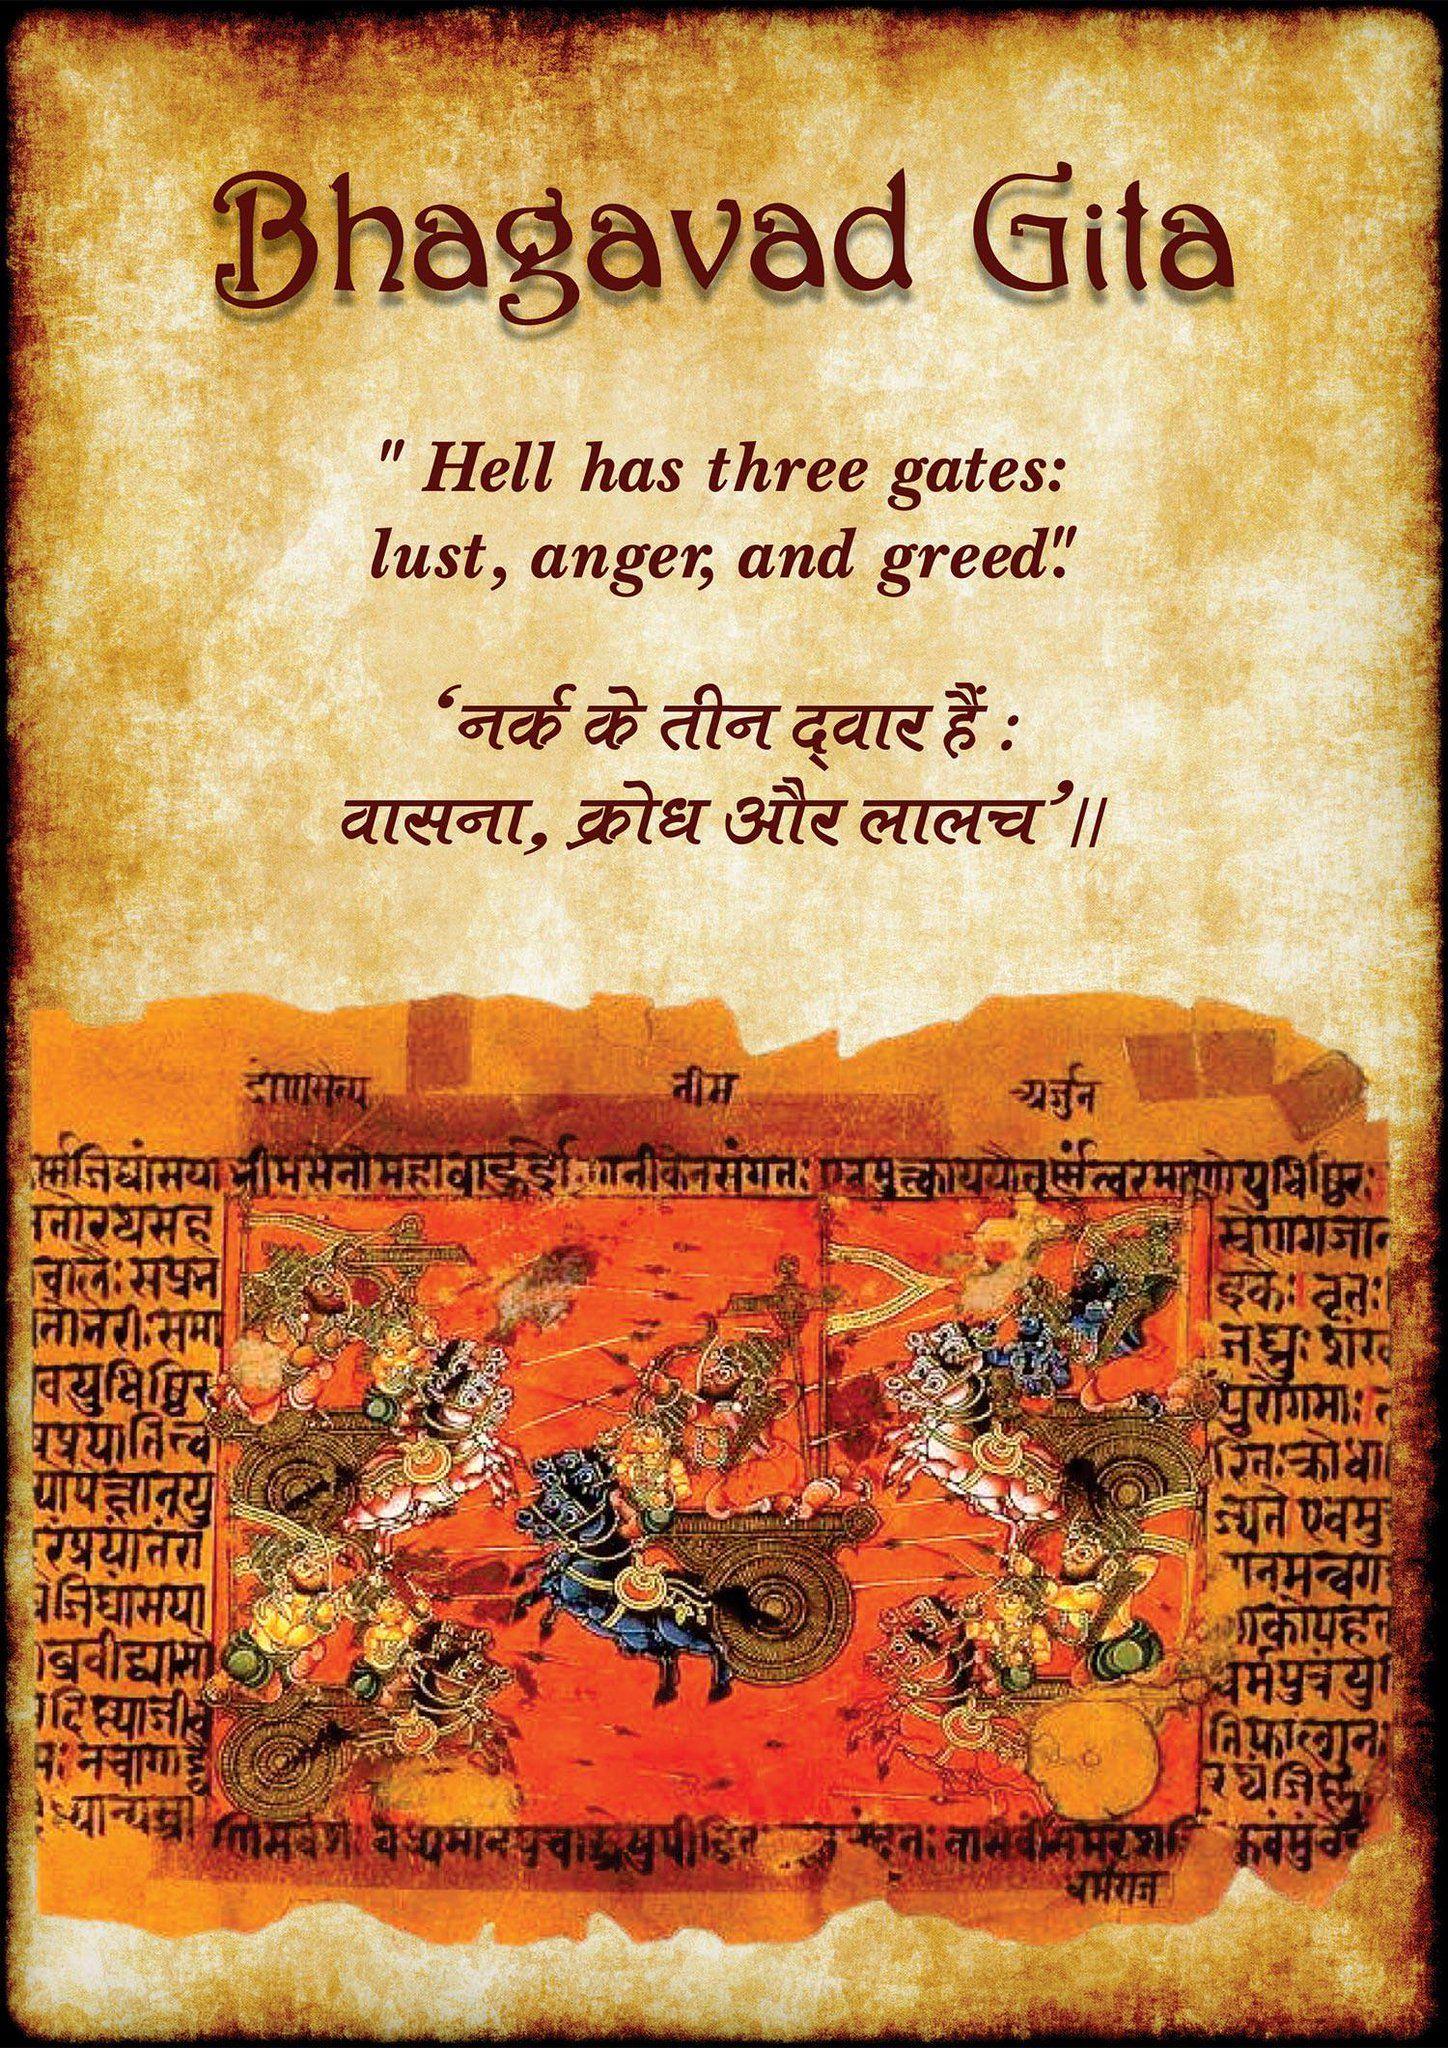 Monesh Jain Jainmonesh Twitter Sanskrit Quotes Gita Quotes Geeta Quotes